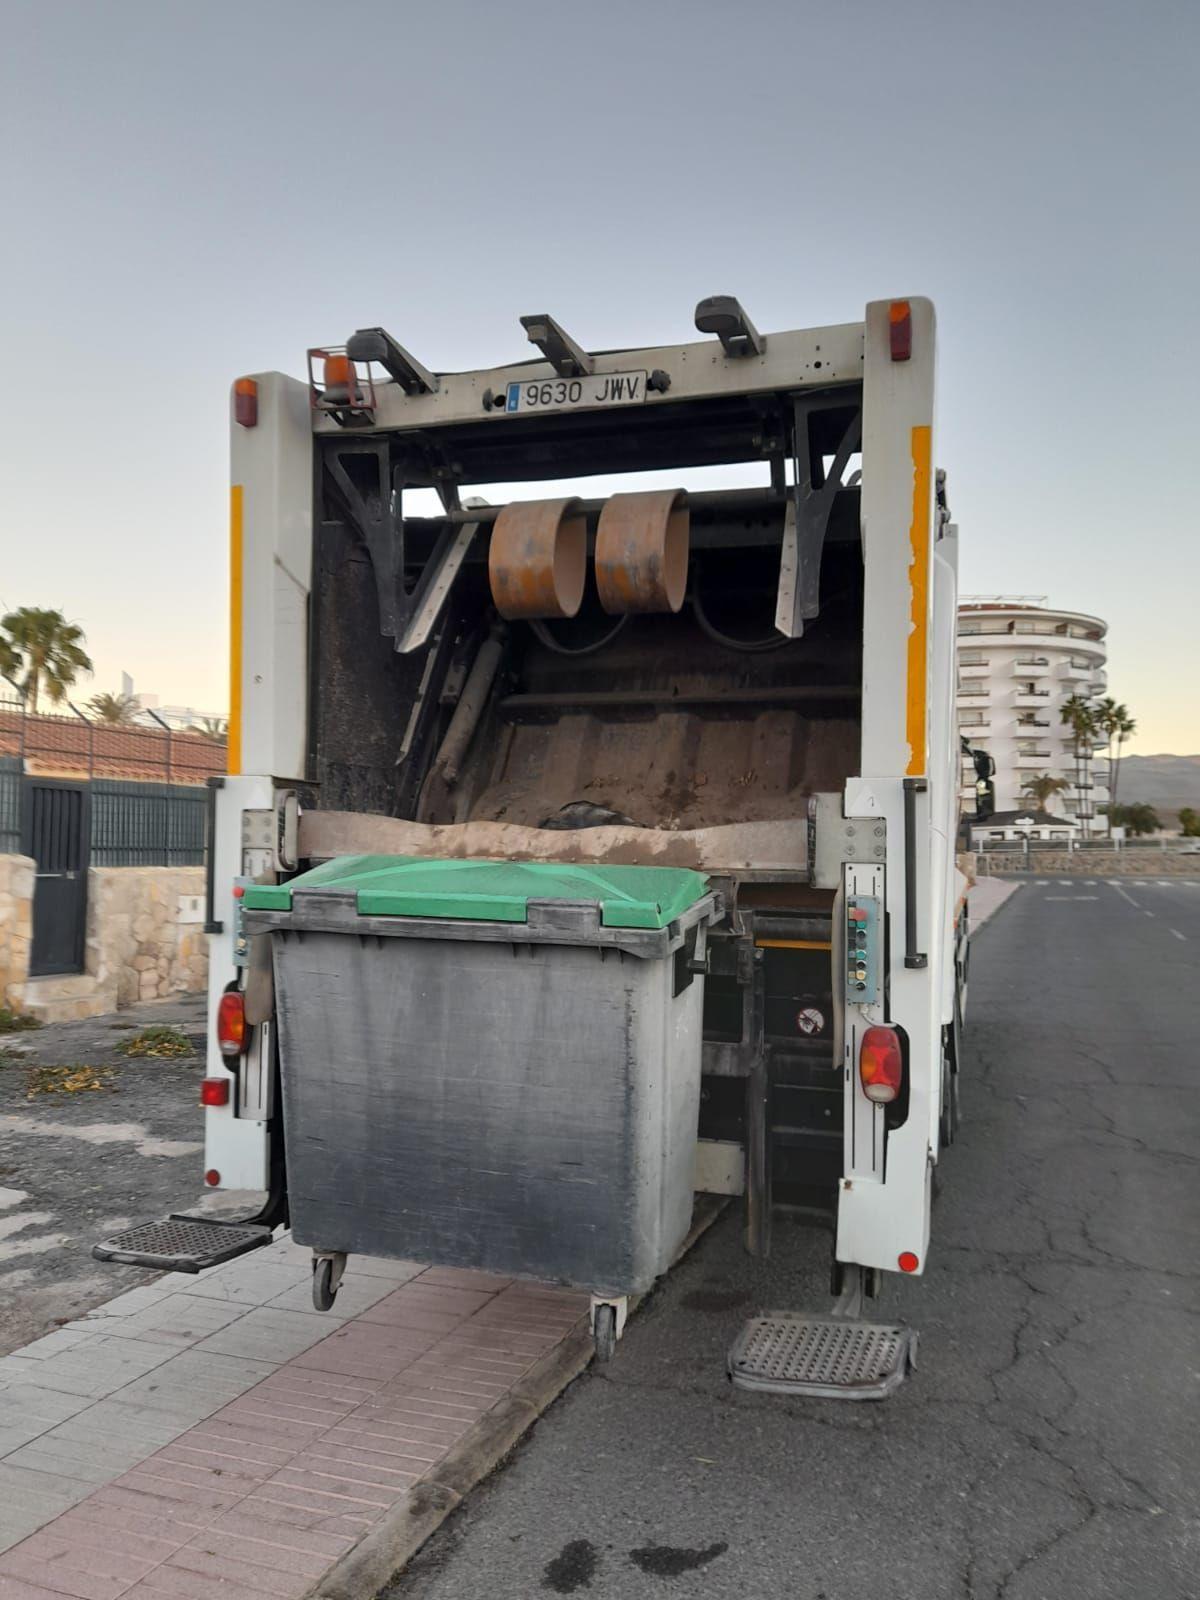 Se esconde en un contenedor y acaba en el camión de la basura